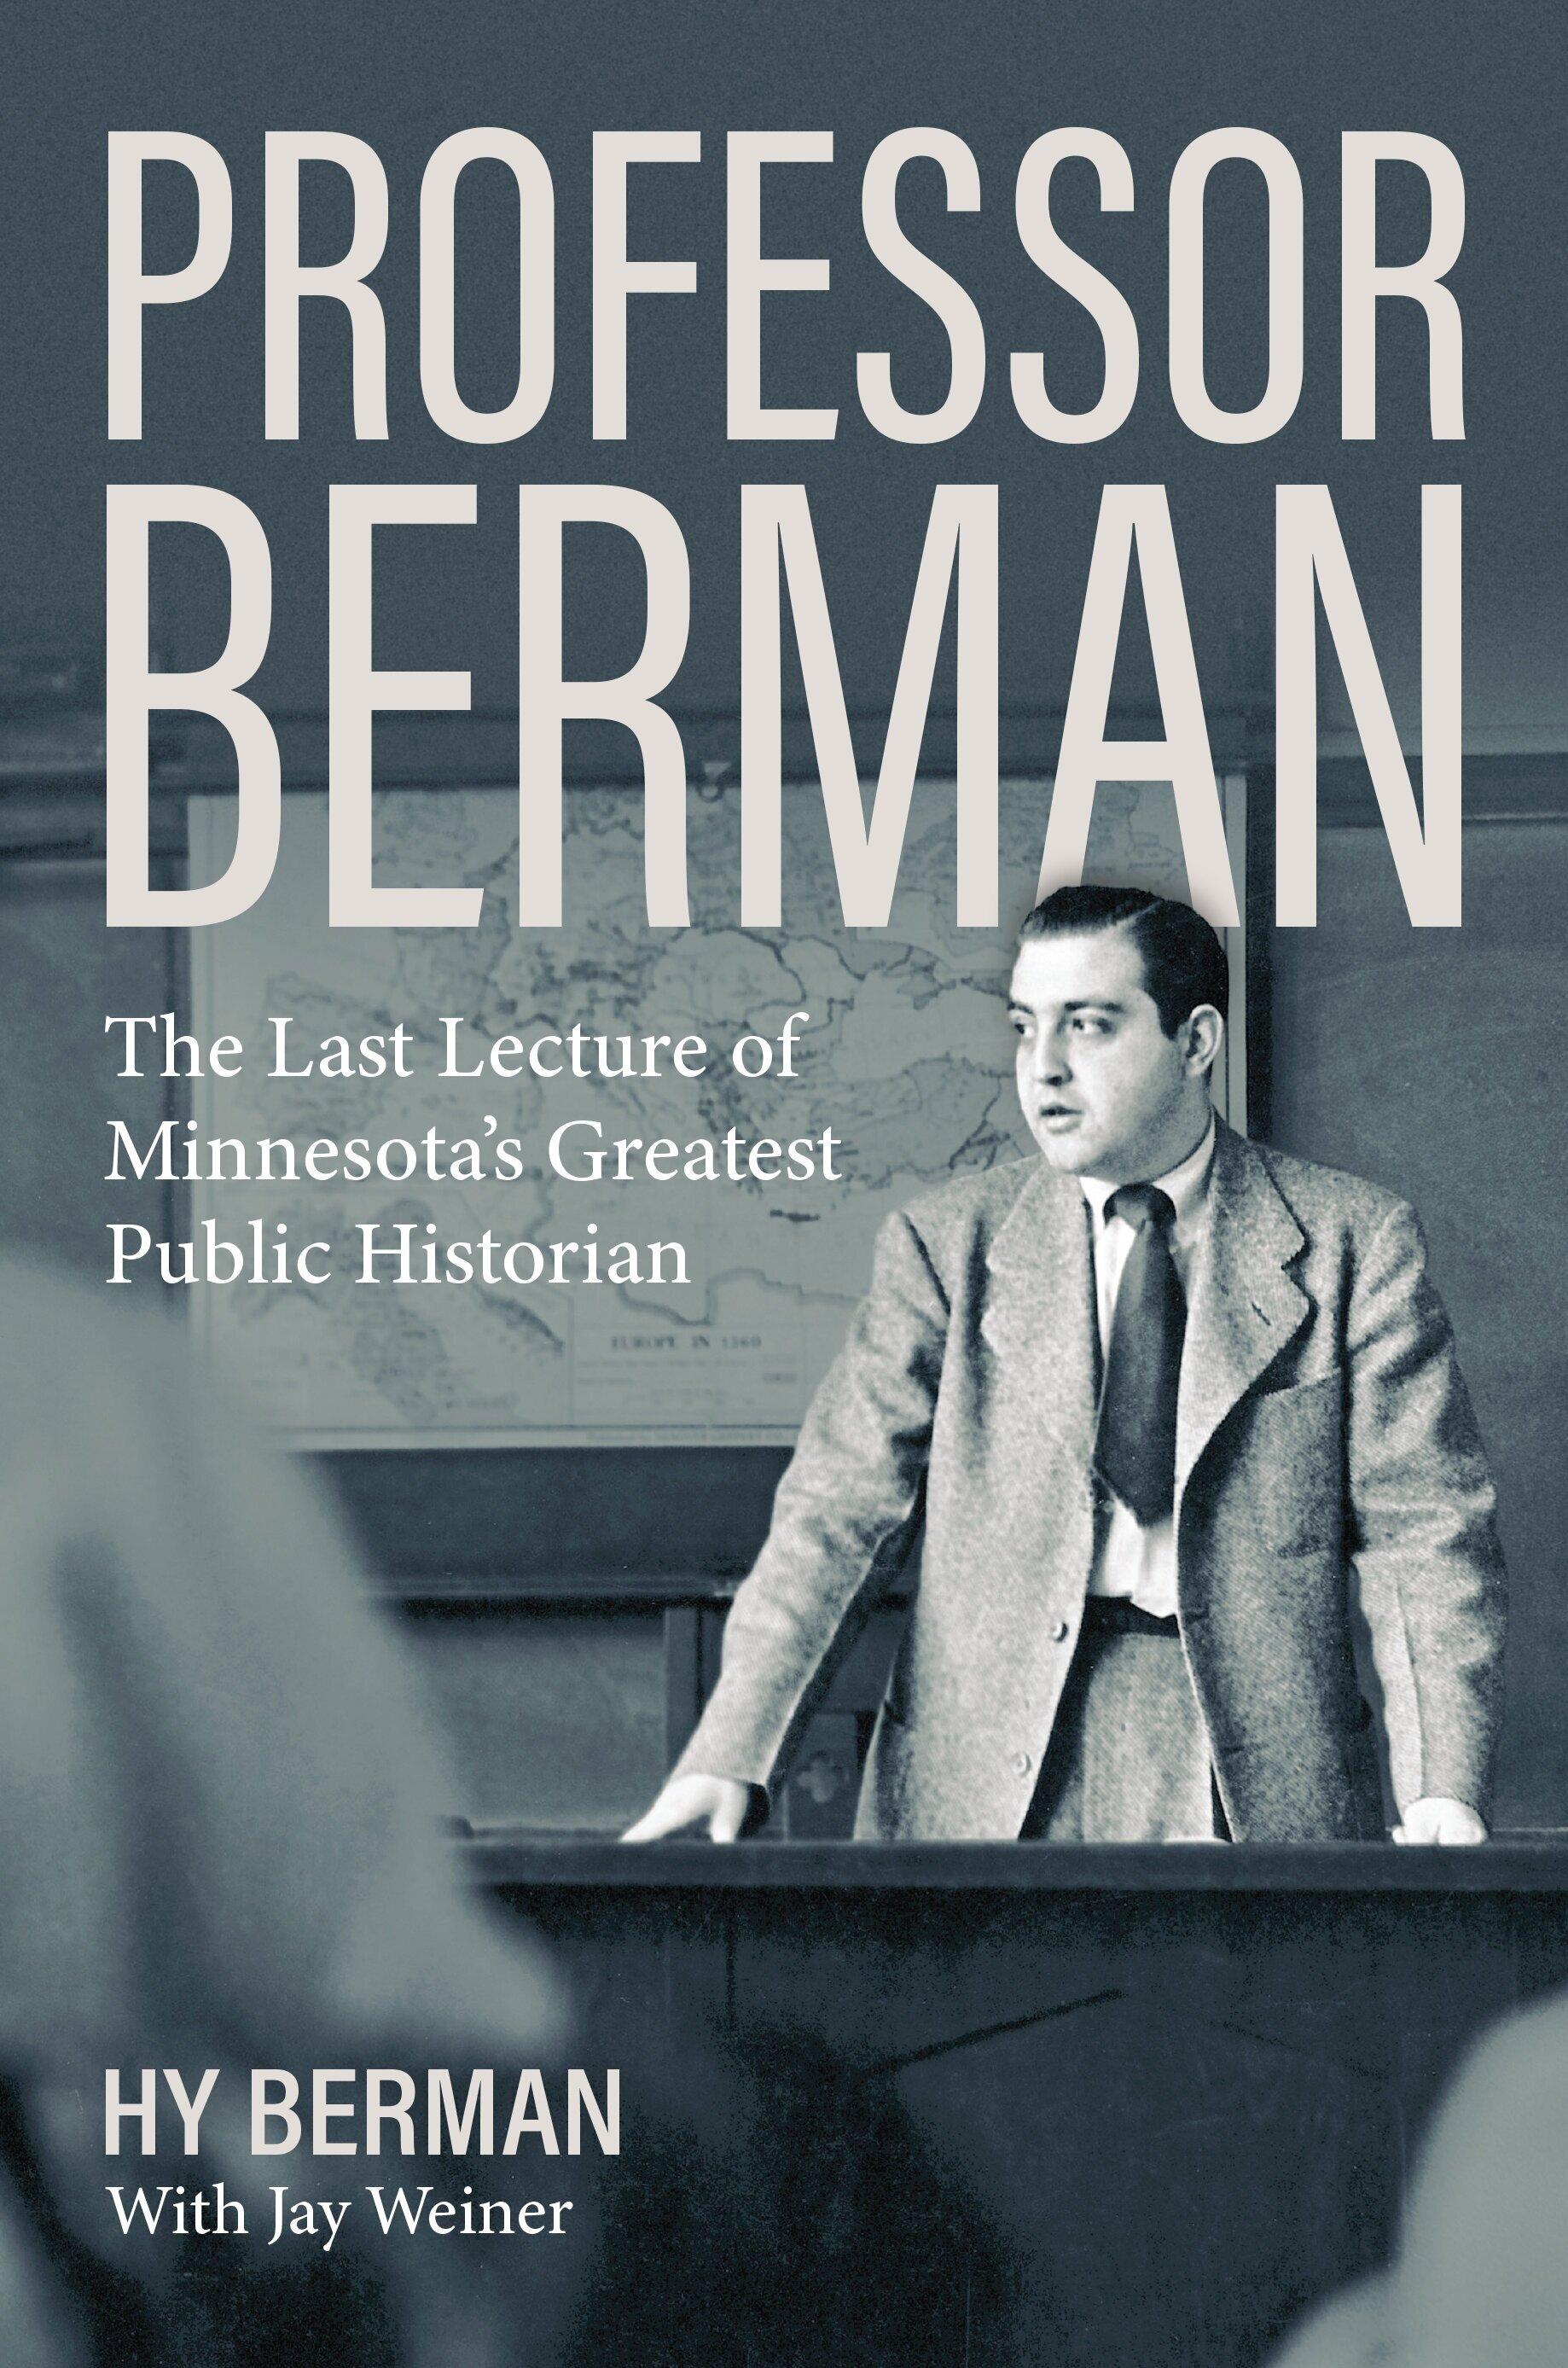 Berman+Book+Cover.jpg